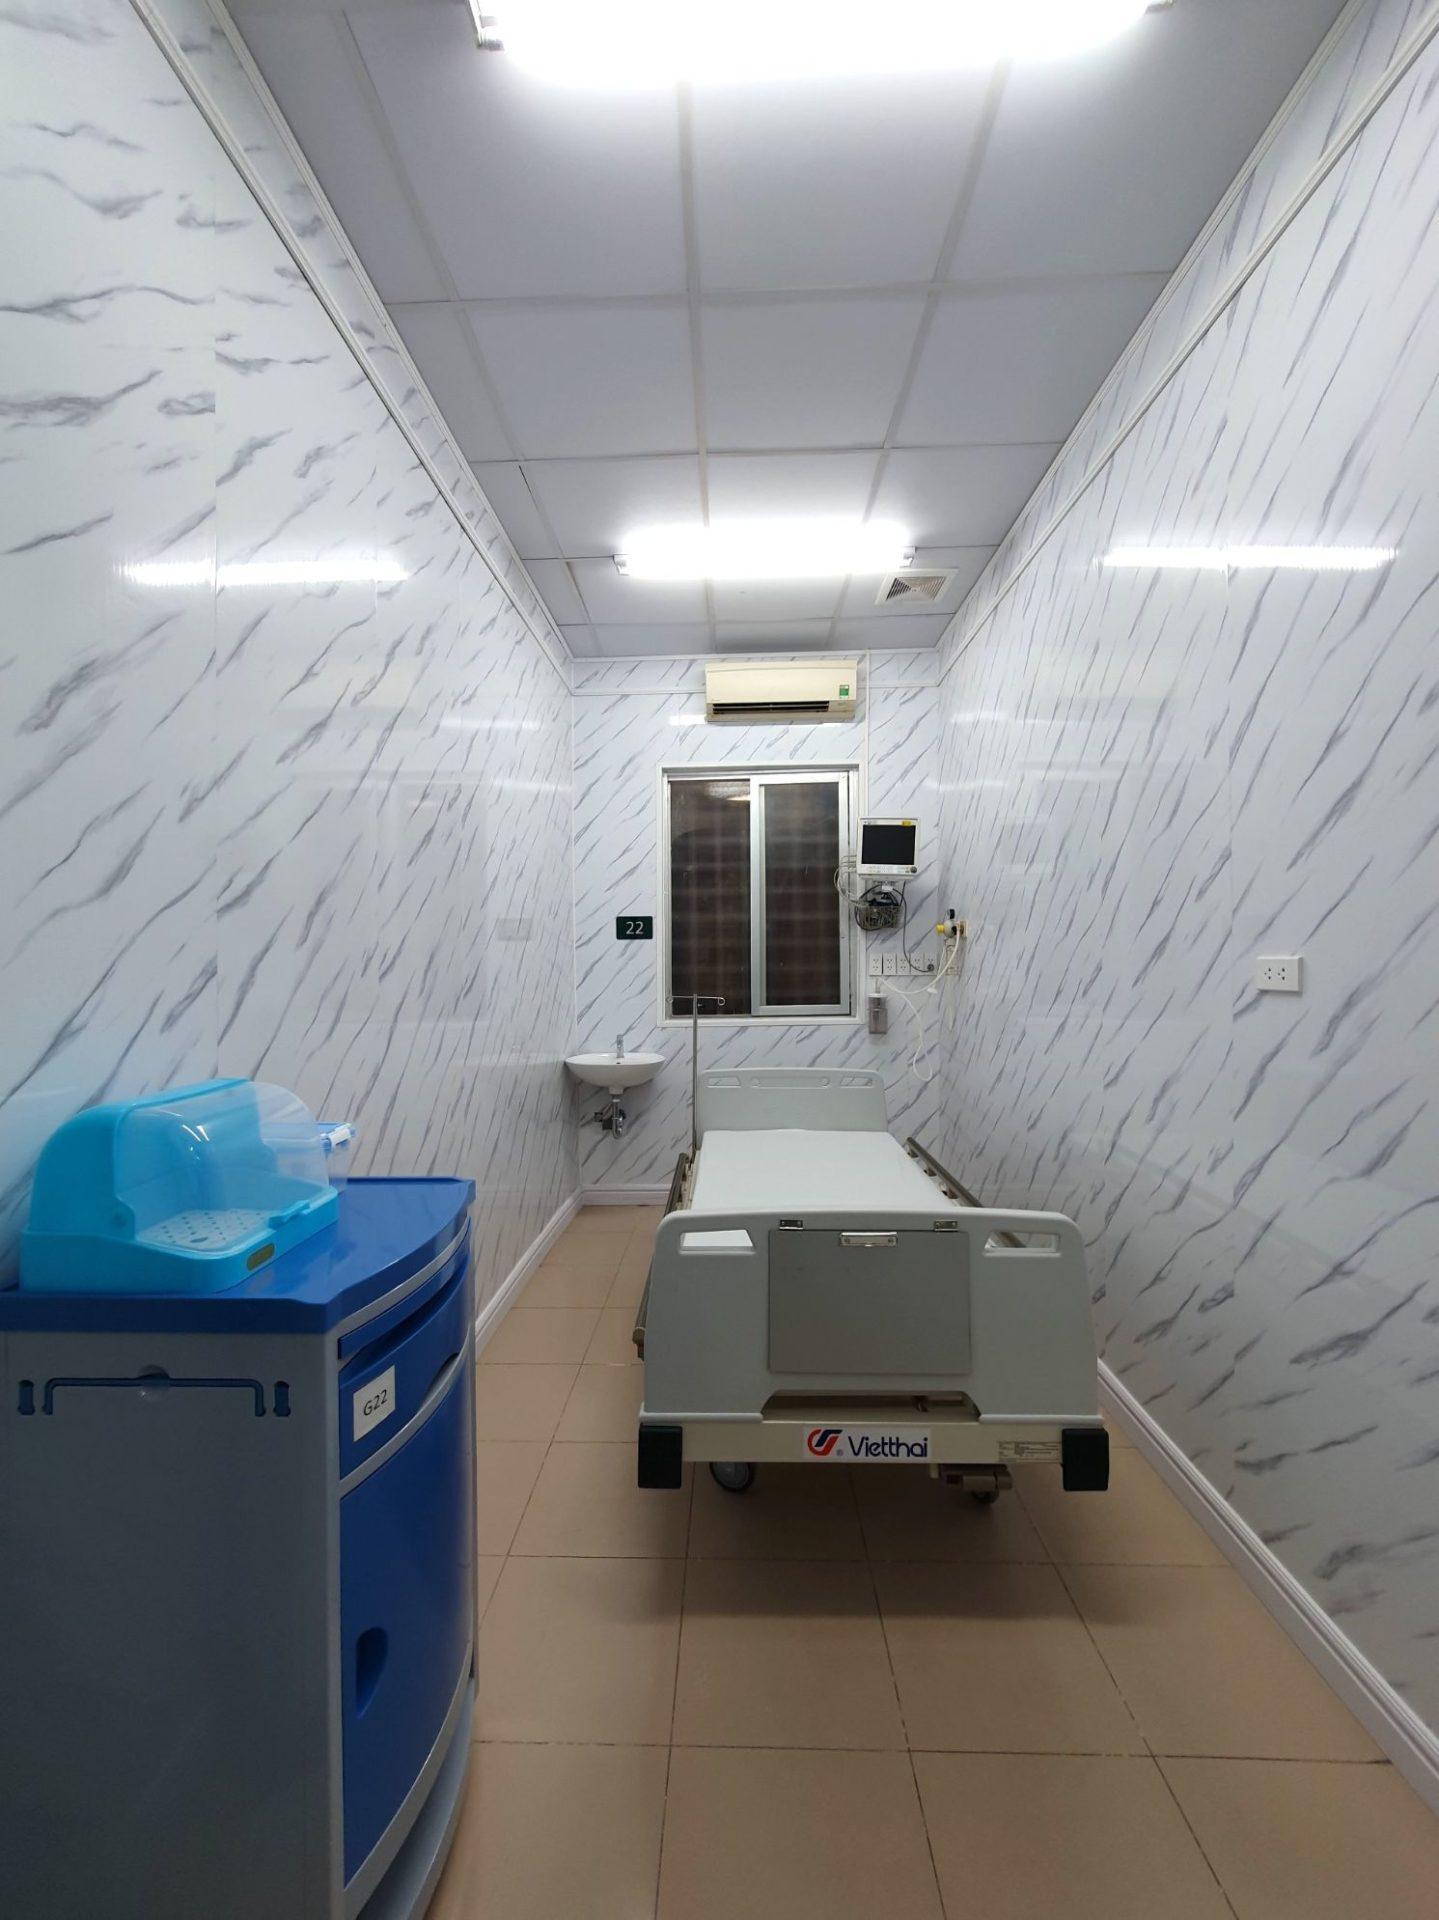 Trung tam DQ 1 - Vật liệu nội thất mới cho thiết kế bệnh viện hiện đại